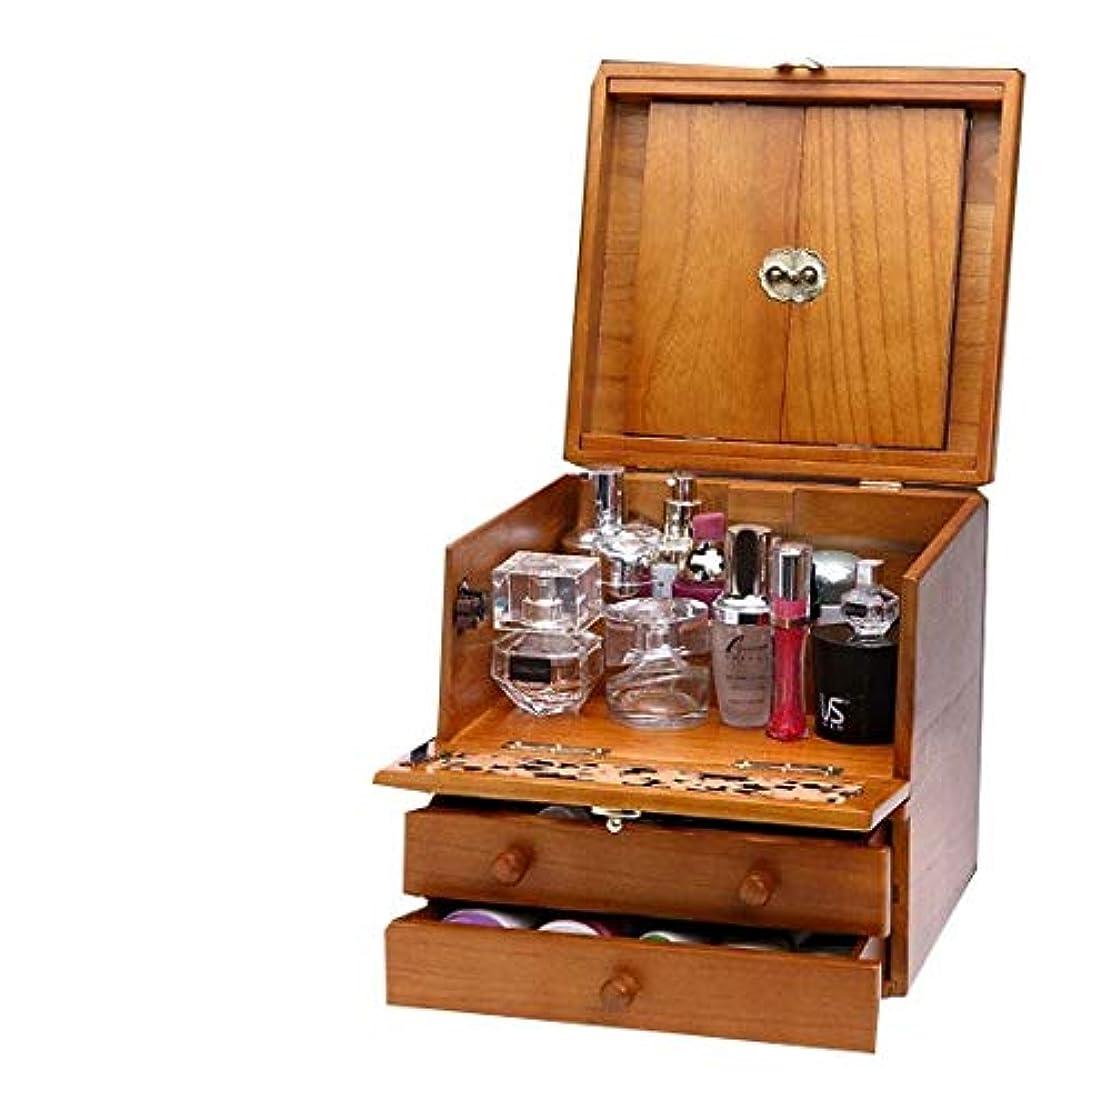 ファイアル外部黙化粧箱、3層レトロ木製彫刻化粧ケース付きミラー、ハイエンドのウェディングギフト、新築祝いのギフト、美容ネイルジュエリー収納ボックス